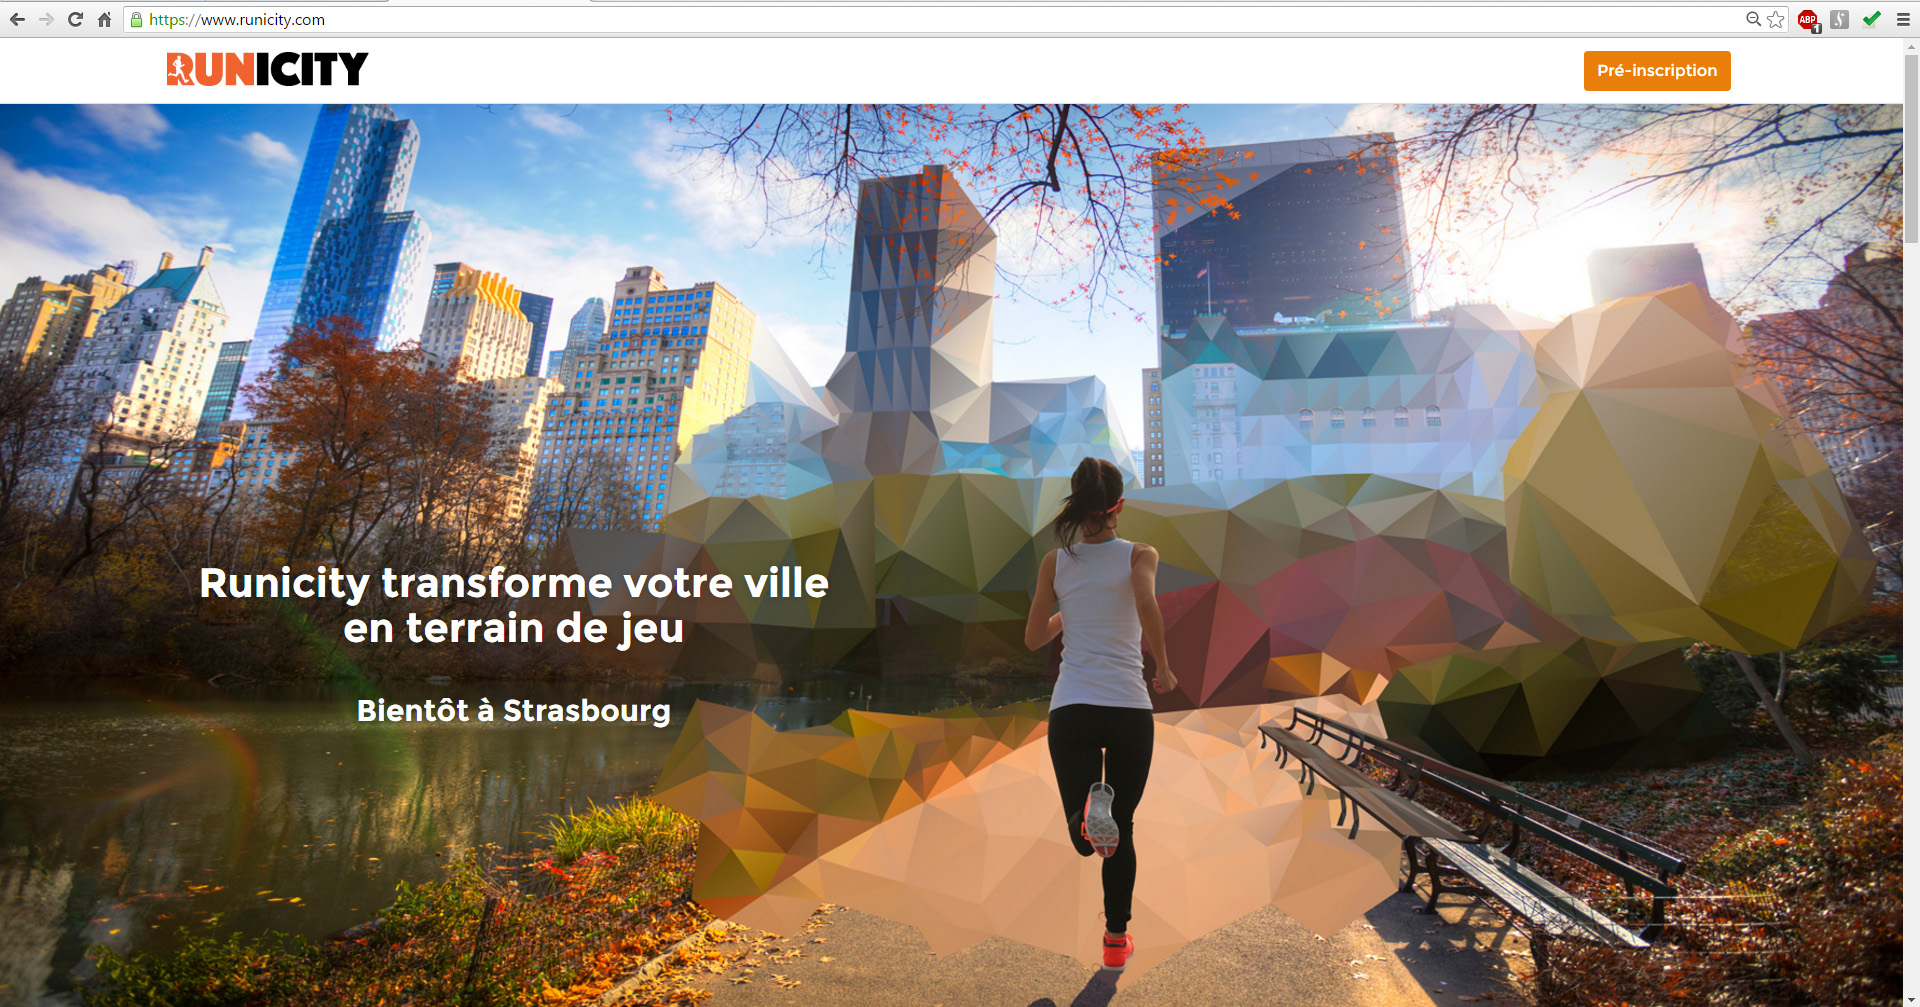 Intégration de l'illustration à la page d'accueil du site web Runicity